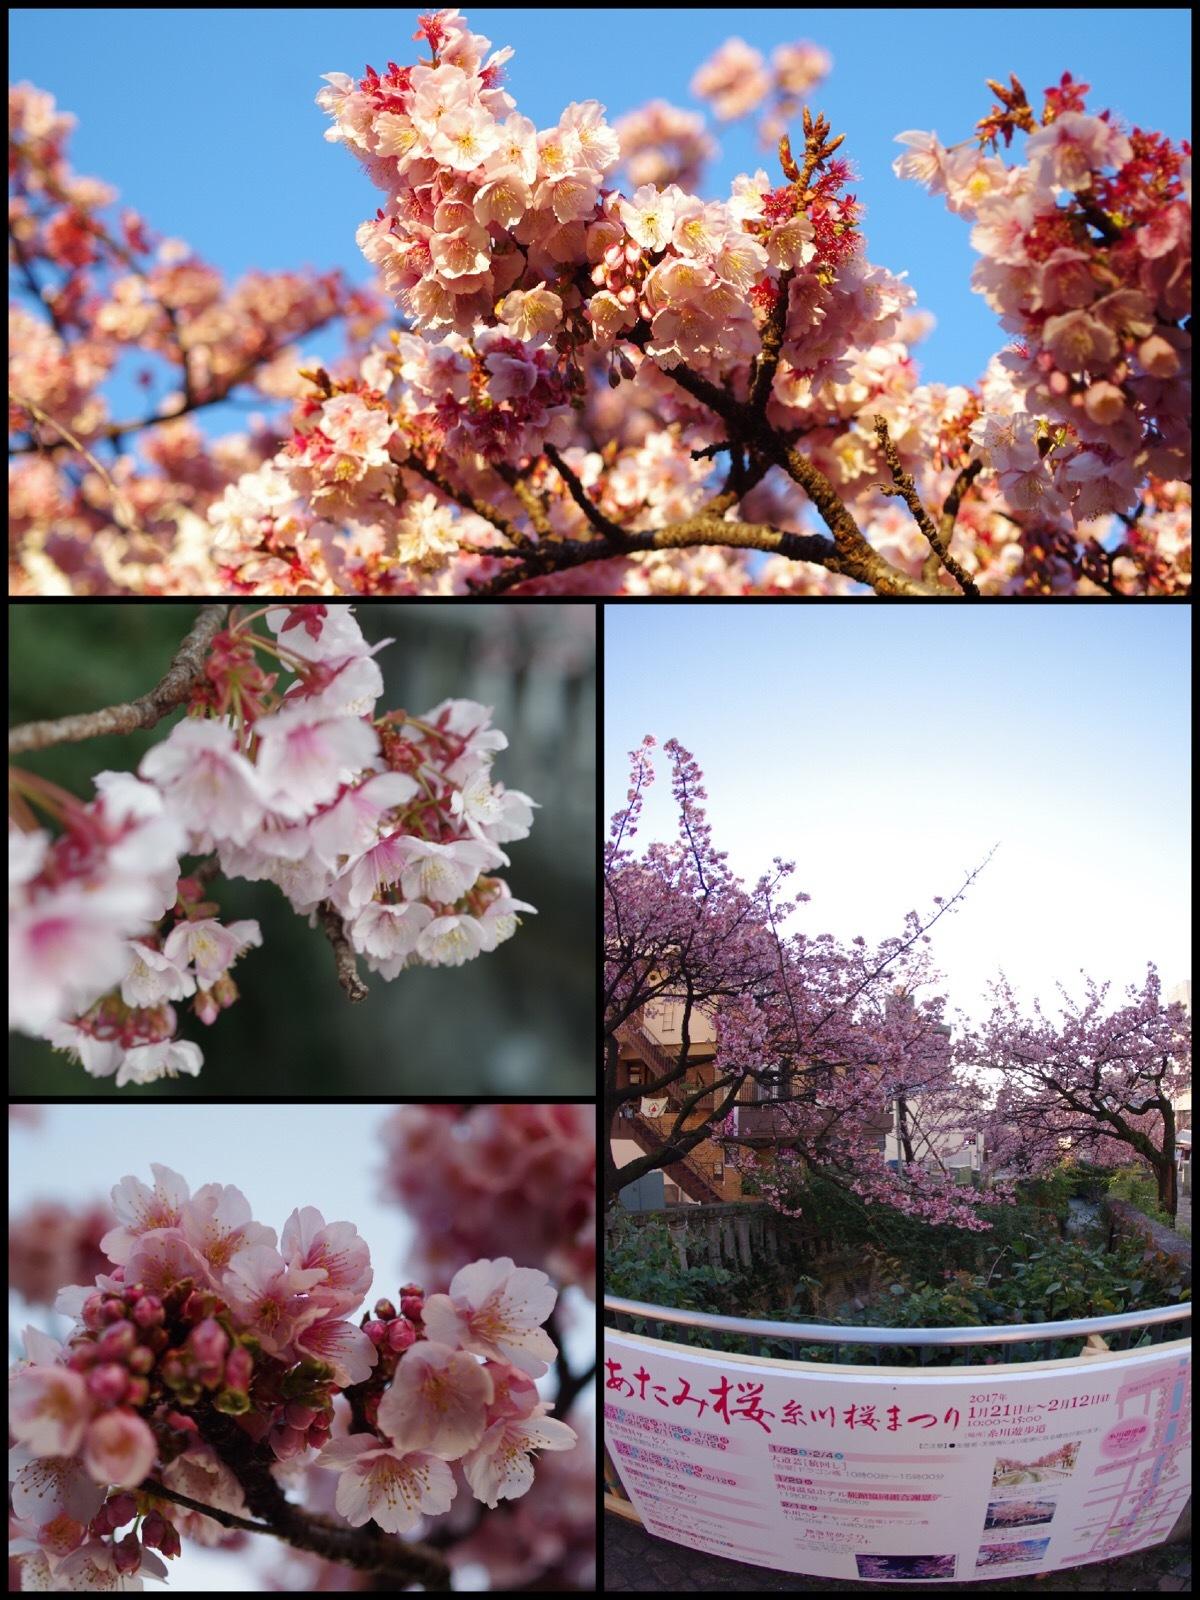 熱海ドライブ旅行 熱海桜まつり 糸川桜まつり